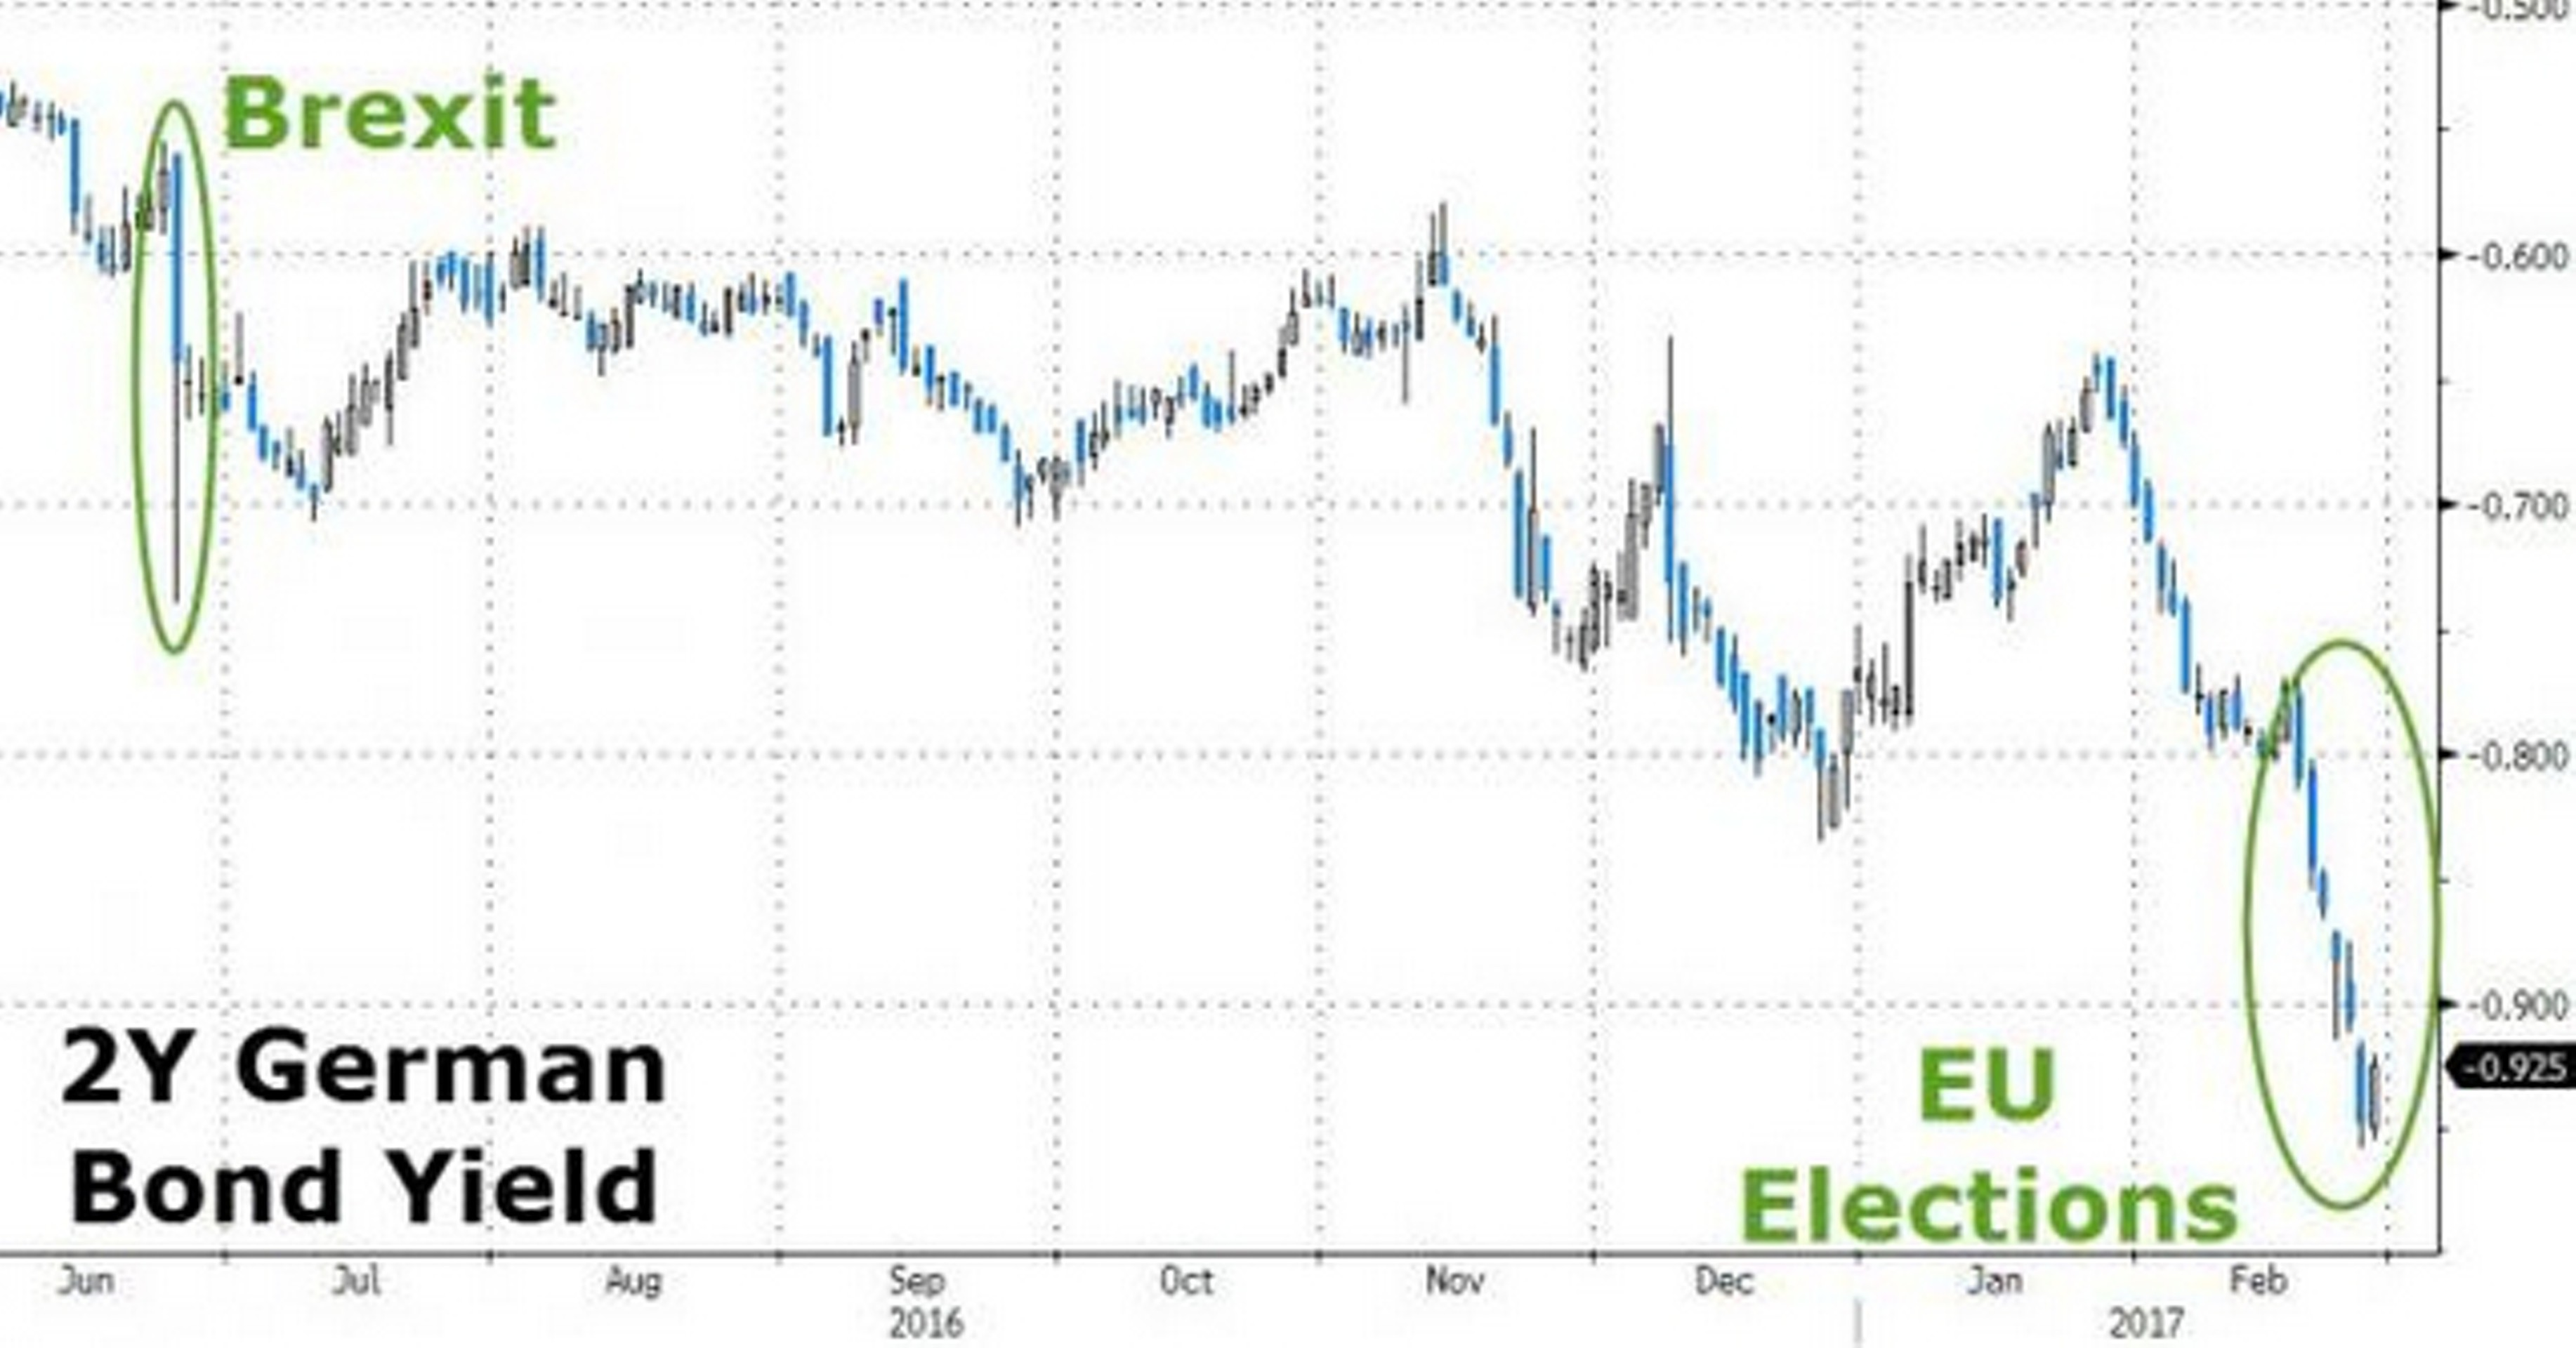 Выборы в Европе дают золоту шанс на ралли